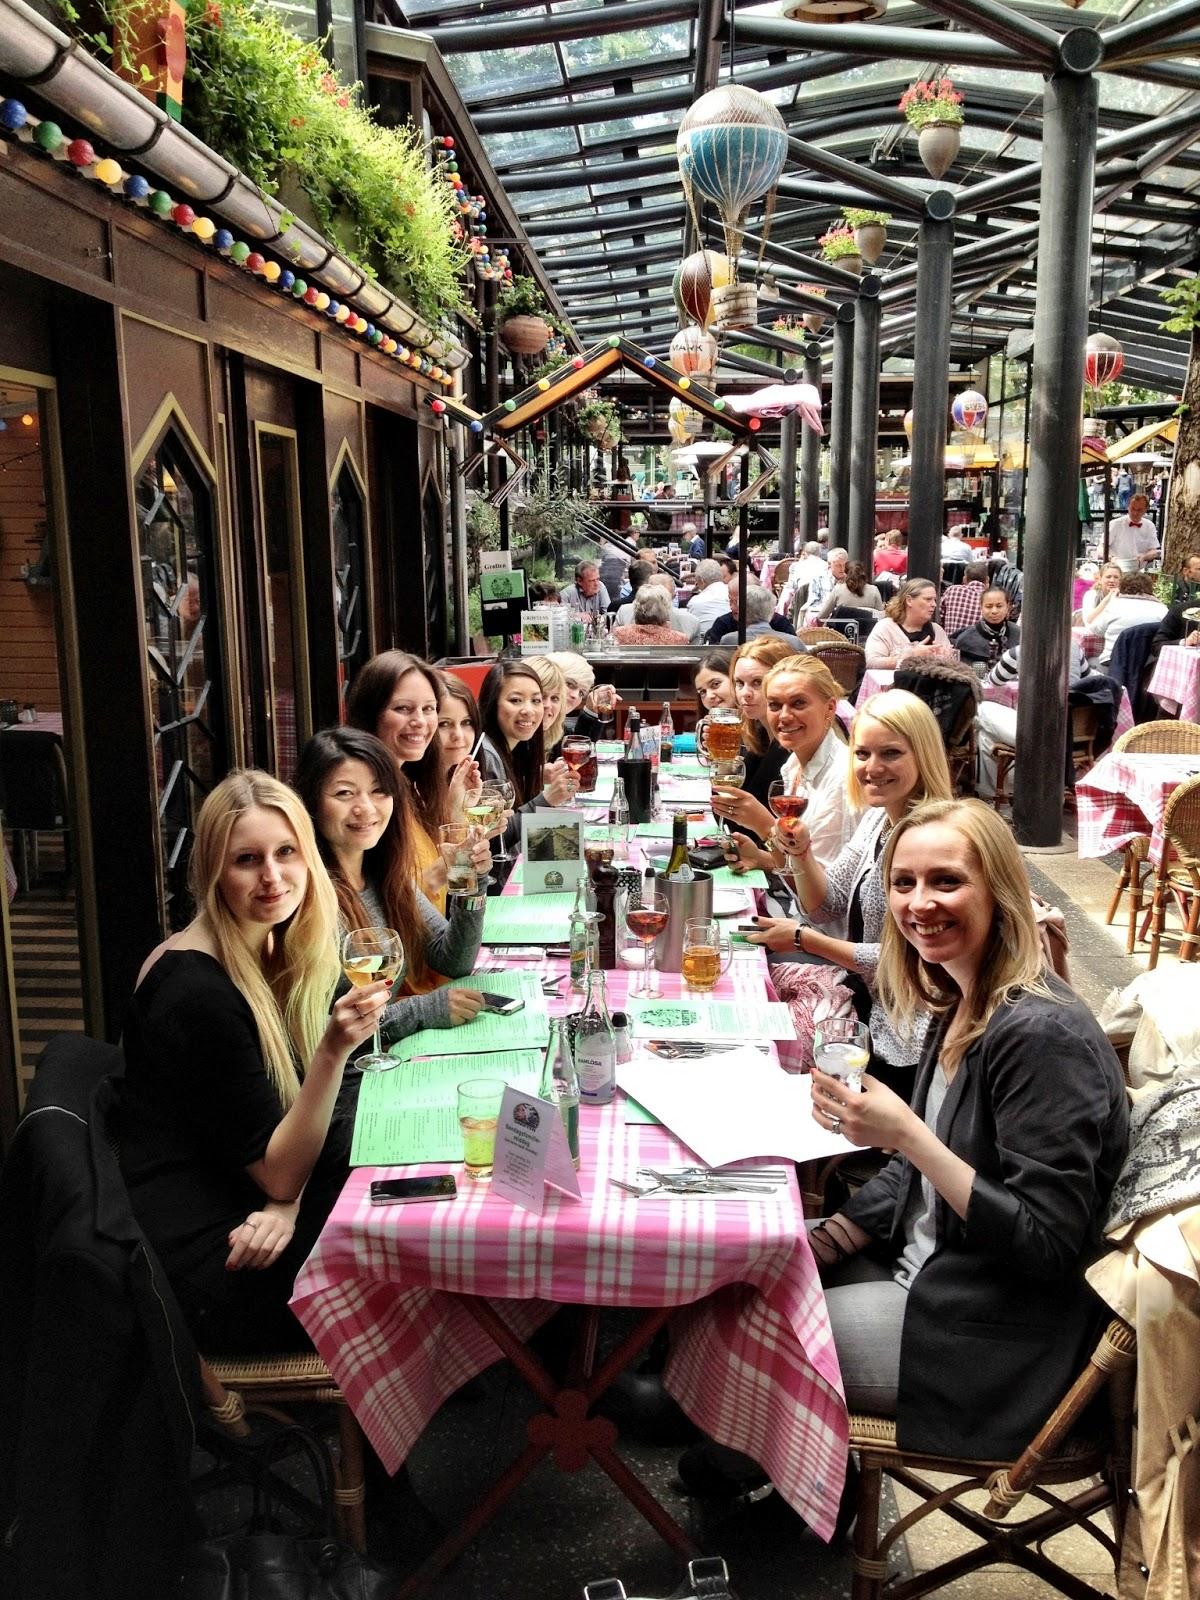 Bazar, piger, veninder, fest, Grøften, sjov, øl, smørebrød, lukker, slut, redaktion, arbejde, vi unge, frk. lund